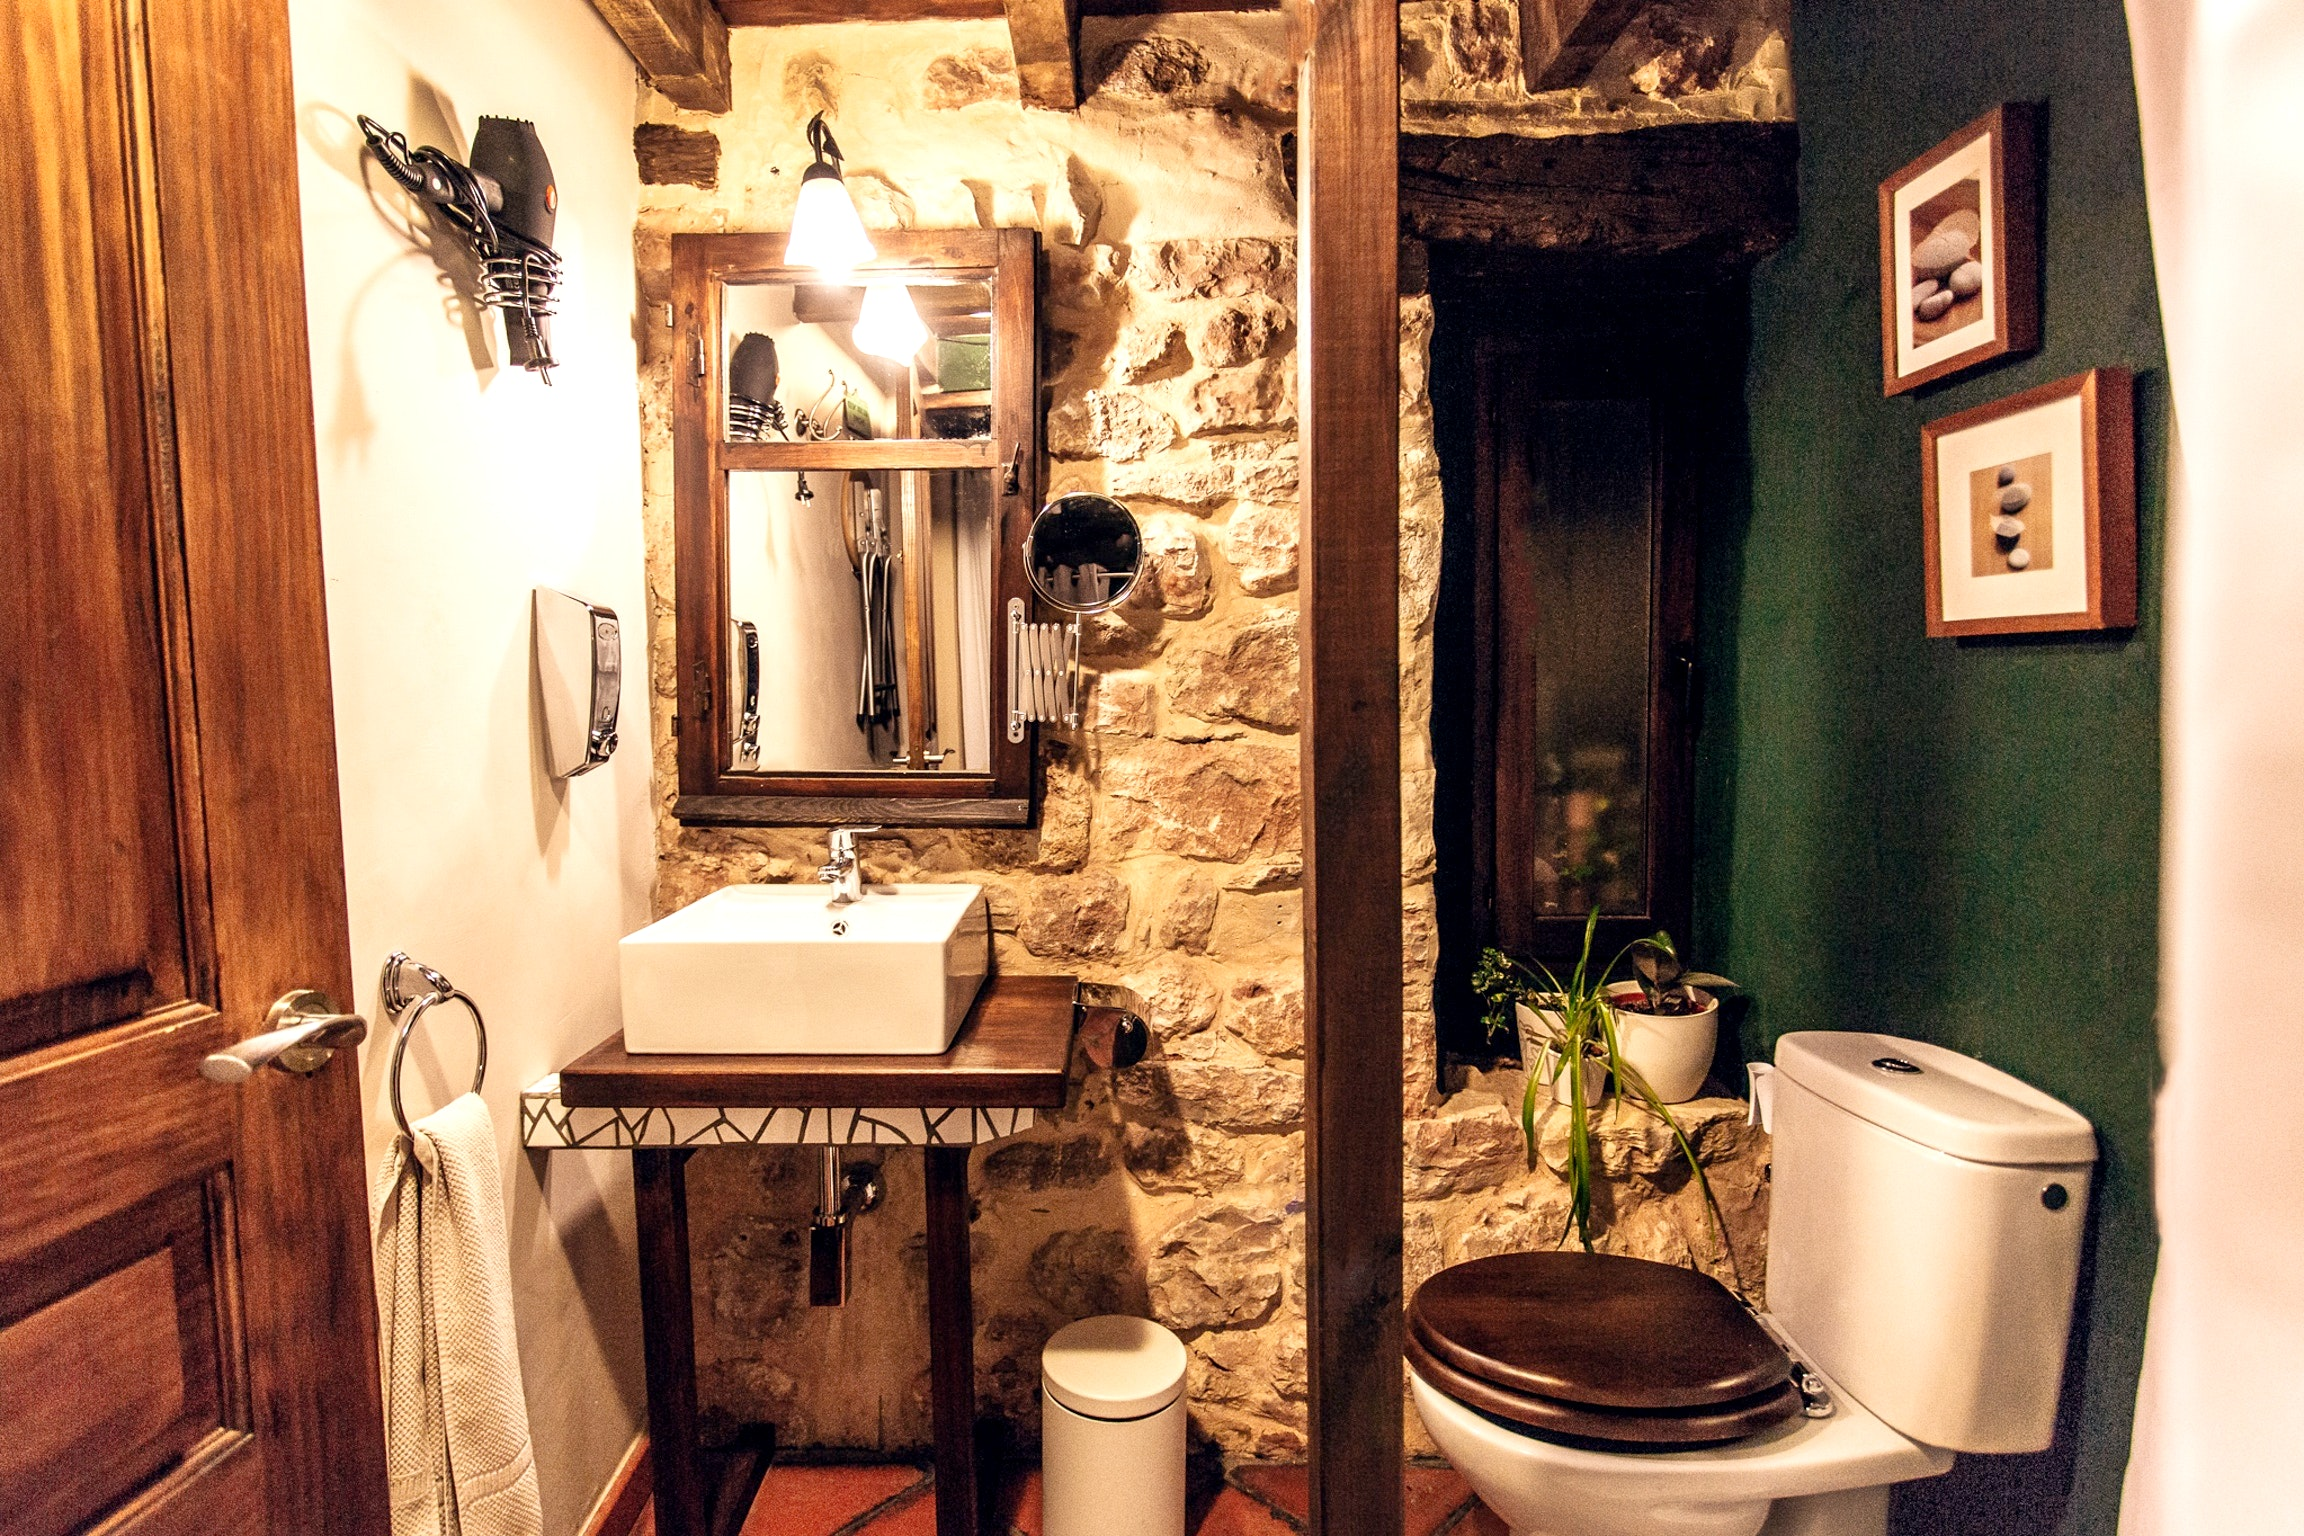 Ferienhaus Haus mit 5 Zimmern in Fuenteodra mit toller Aussicht auf die Berge, eingezäuntem Garten un (2211142), Fuenteodra, Burgos, Kastilien-León, Spanien, Bild 31